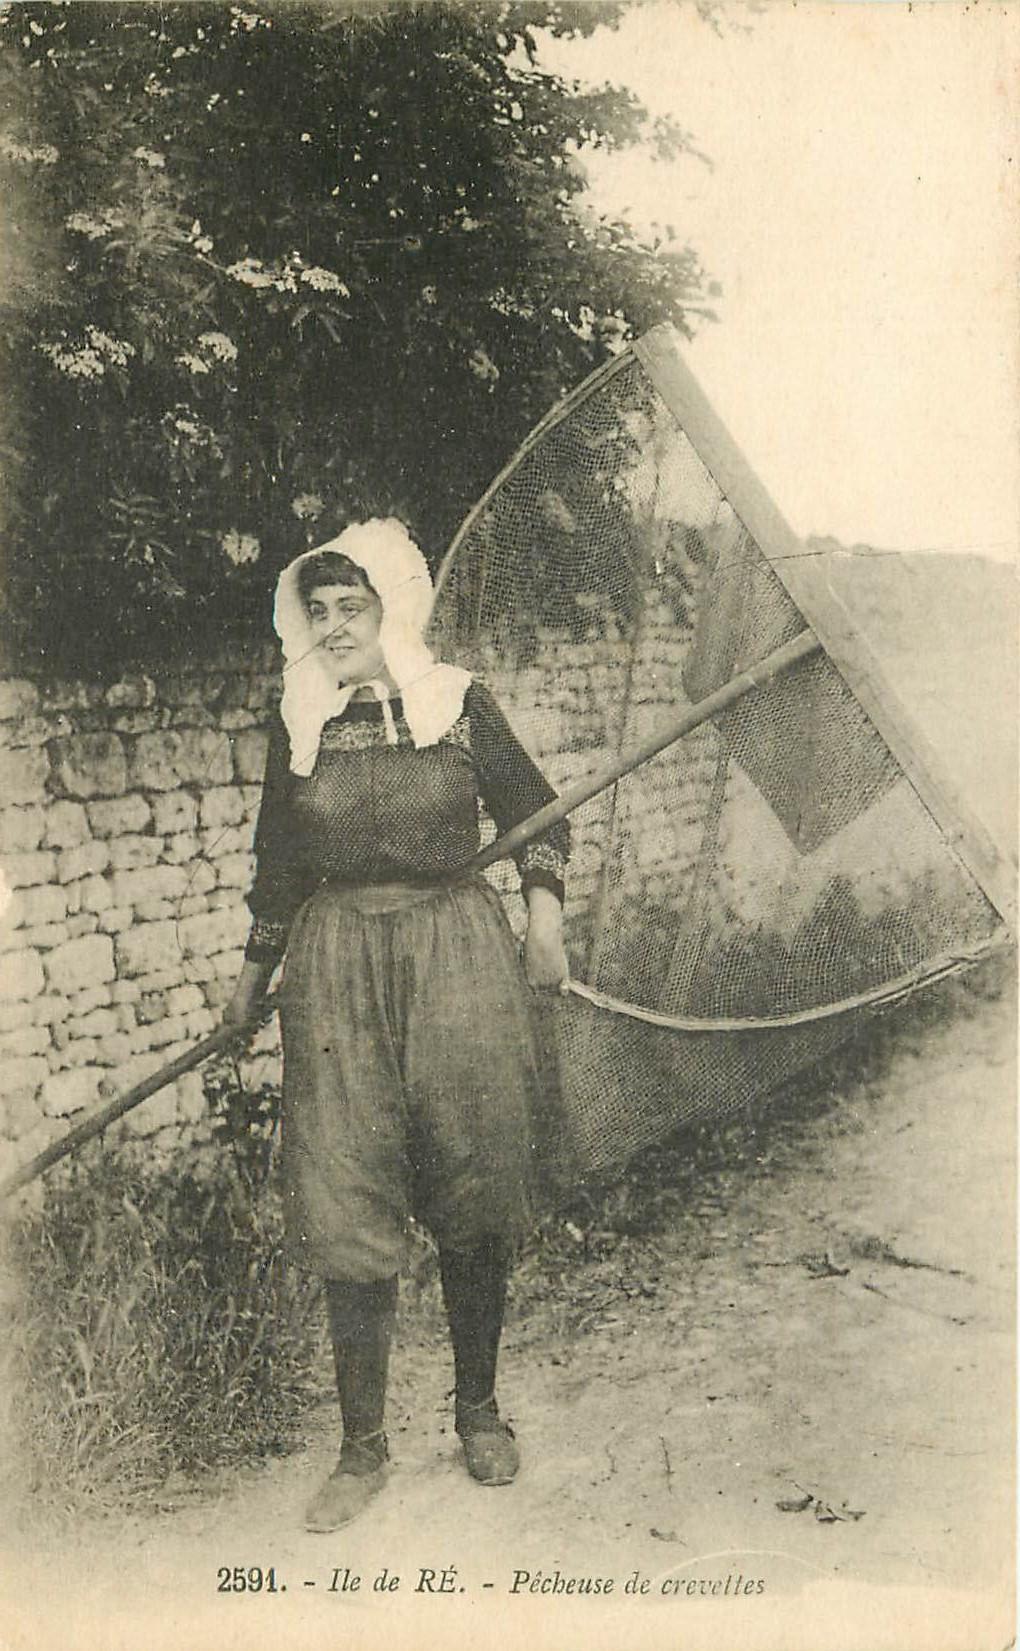 WW 17 ILE DE RE. Pêcheuse de Crevettes